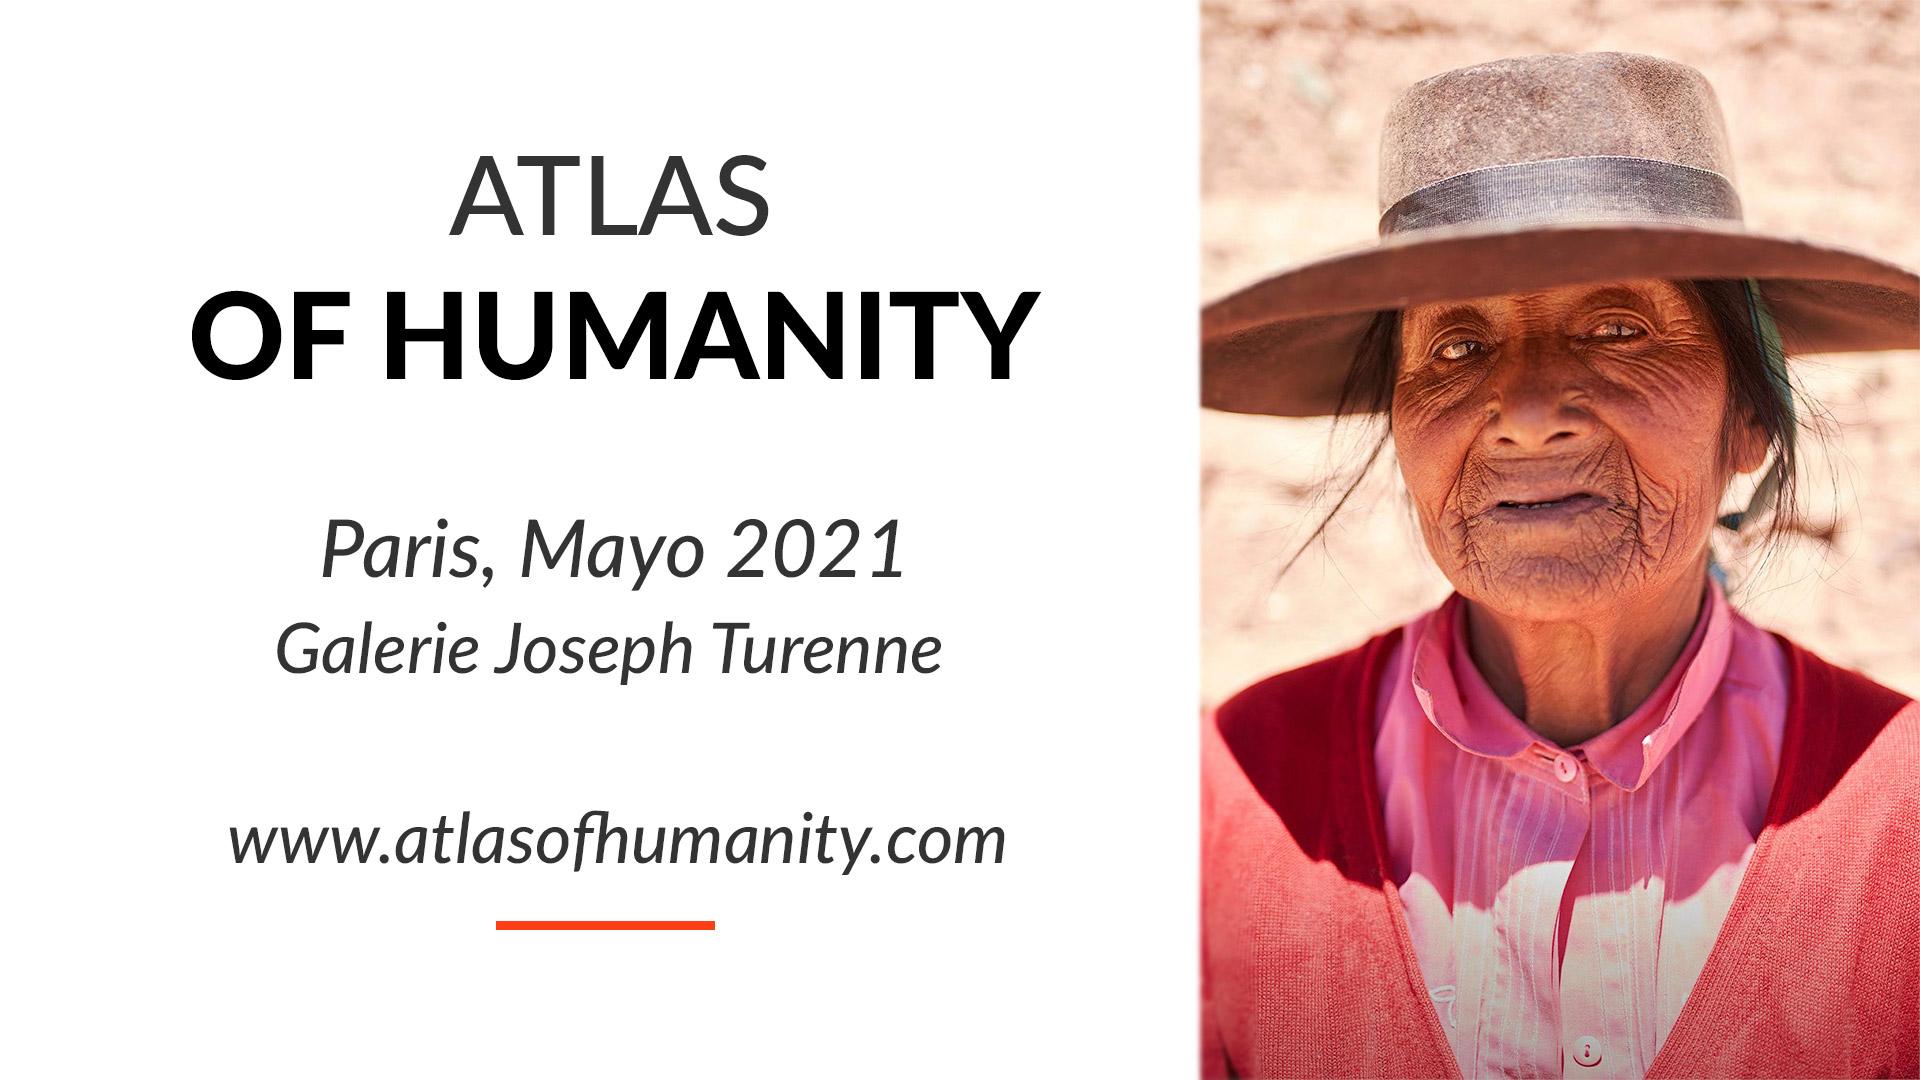 atlas of humanity expo paris